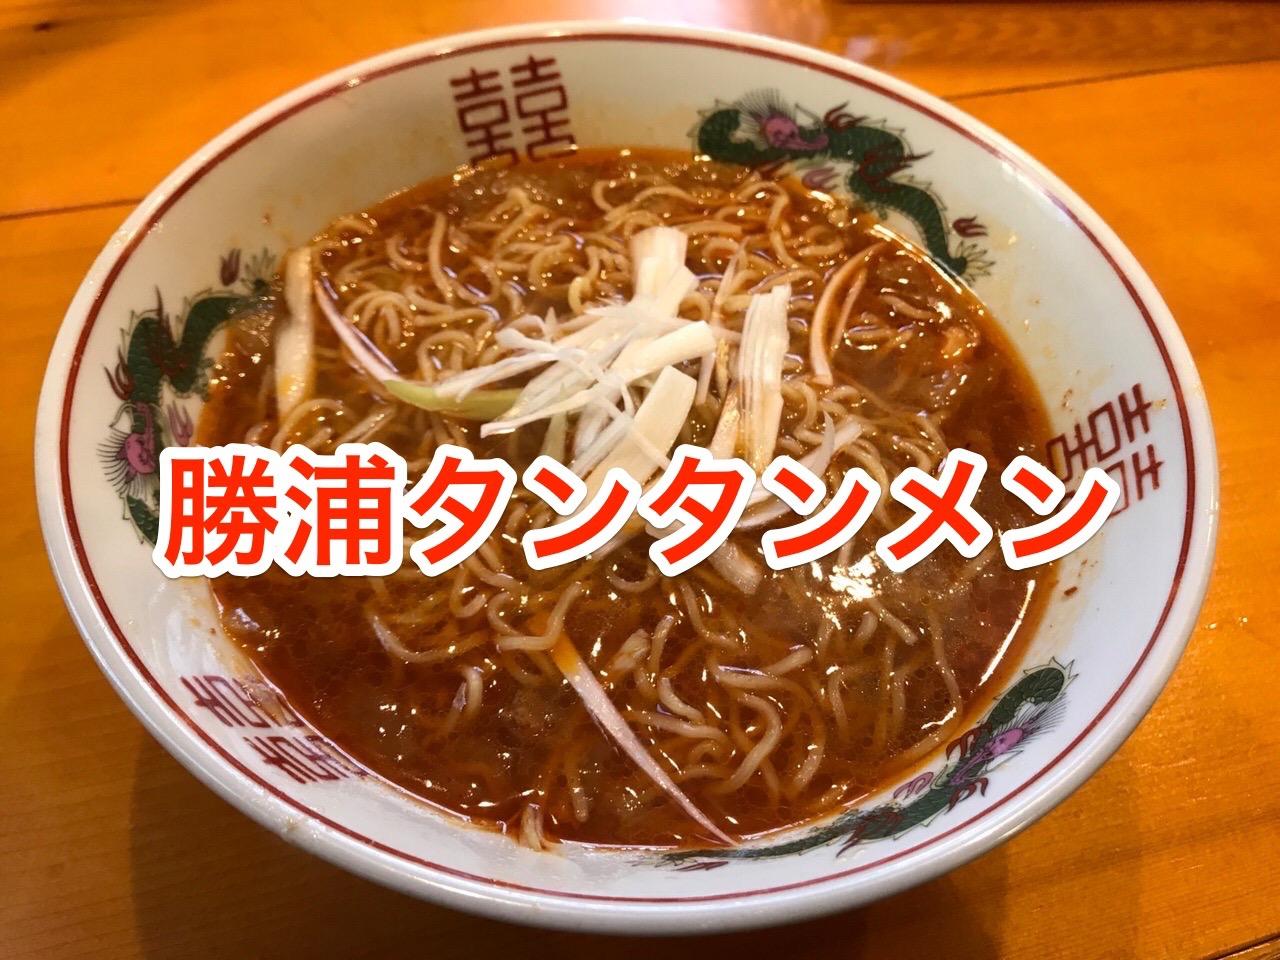 「勝浦タンタンメン」醤油ベースのラー油でピリリと辛いご当地ラーメン